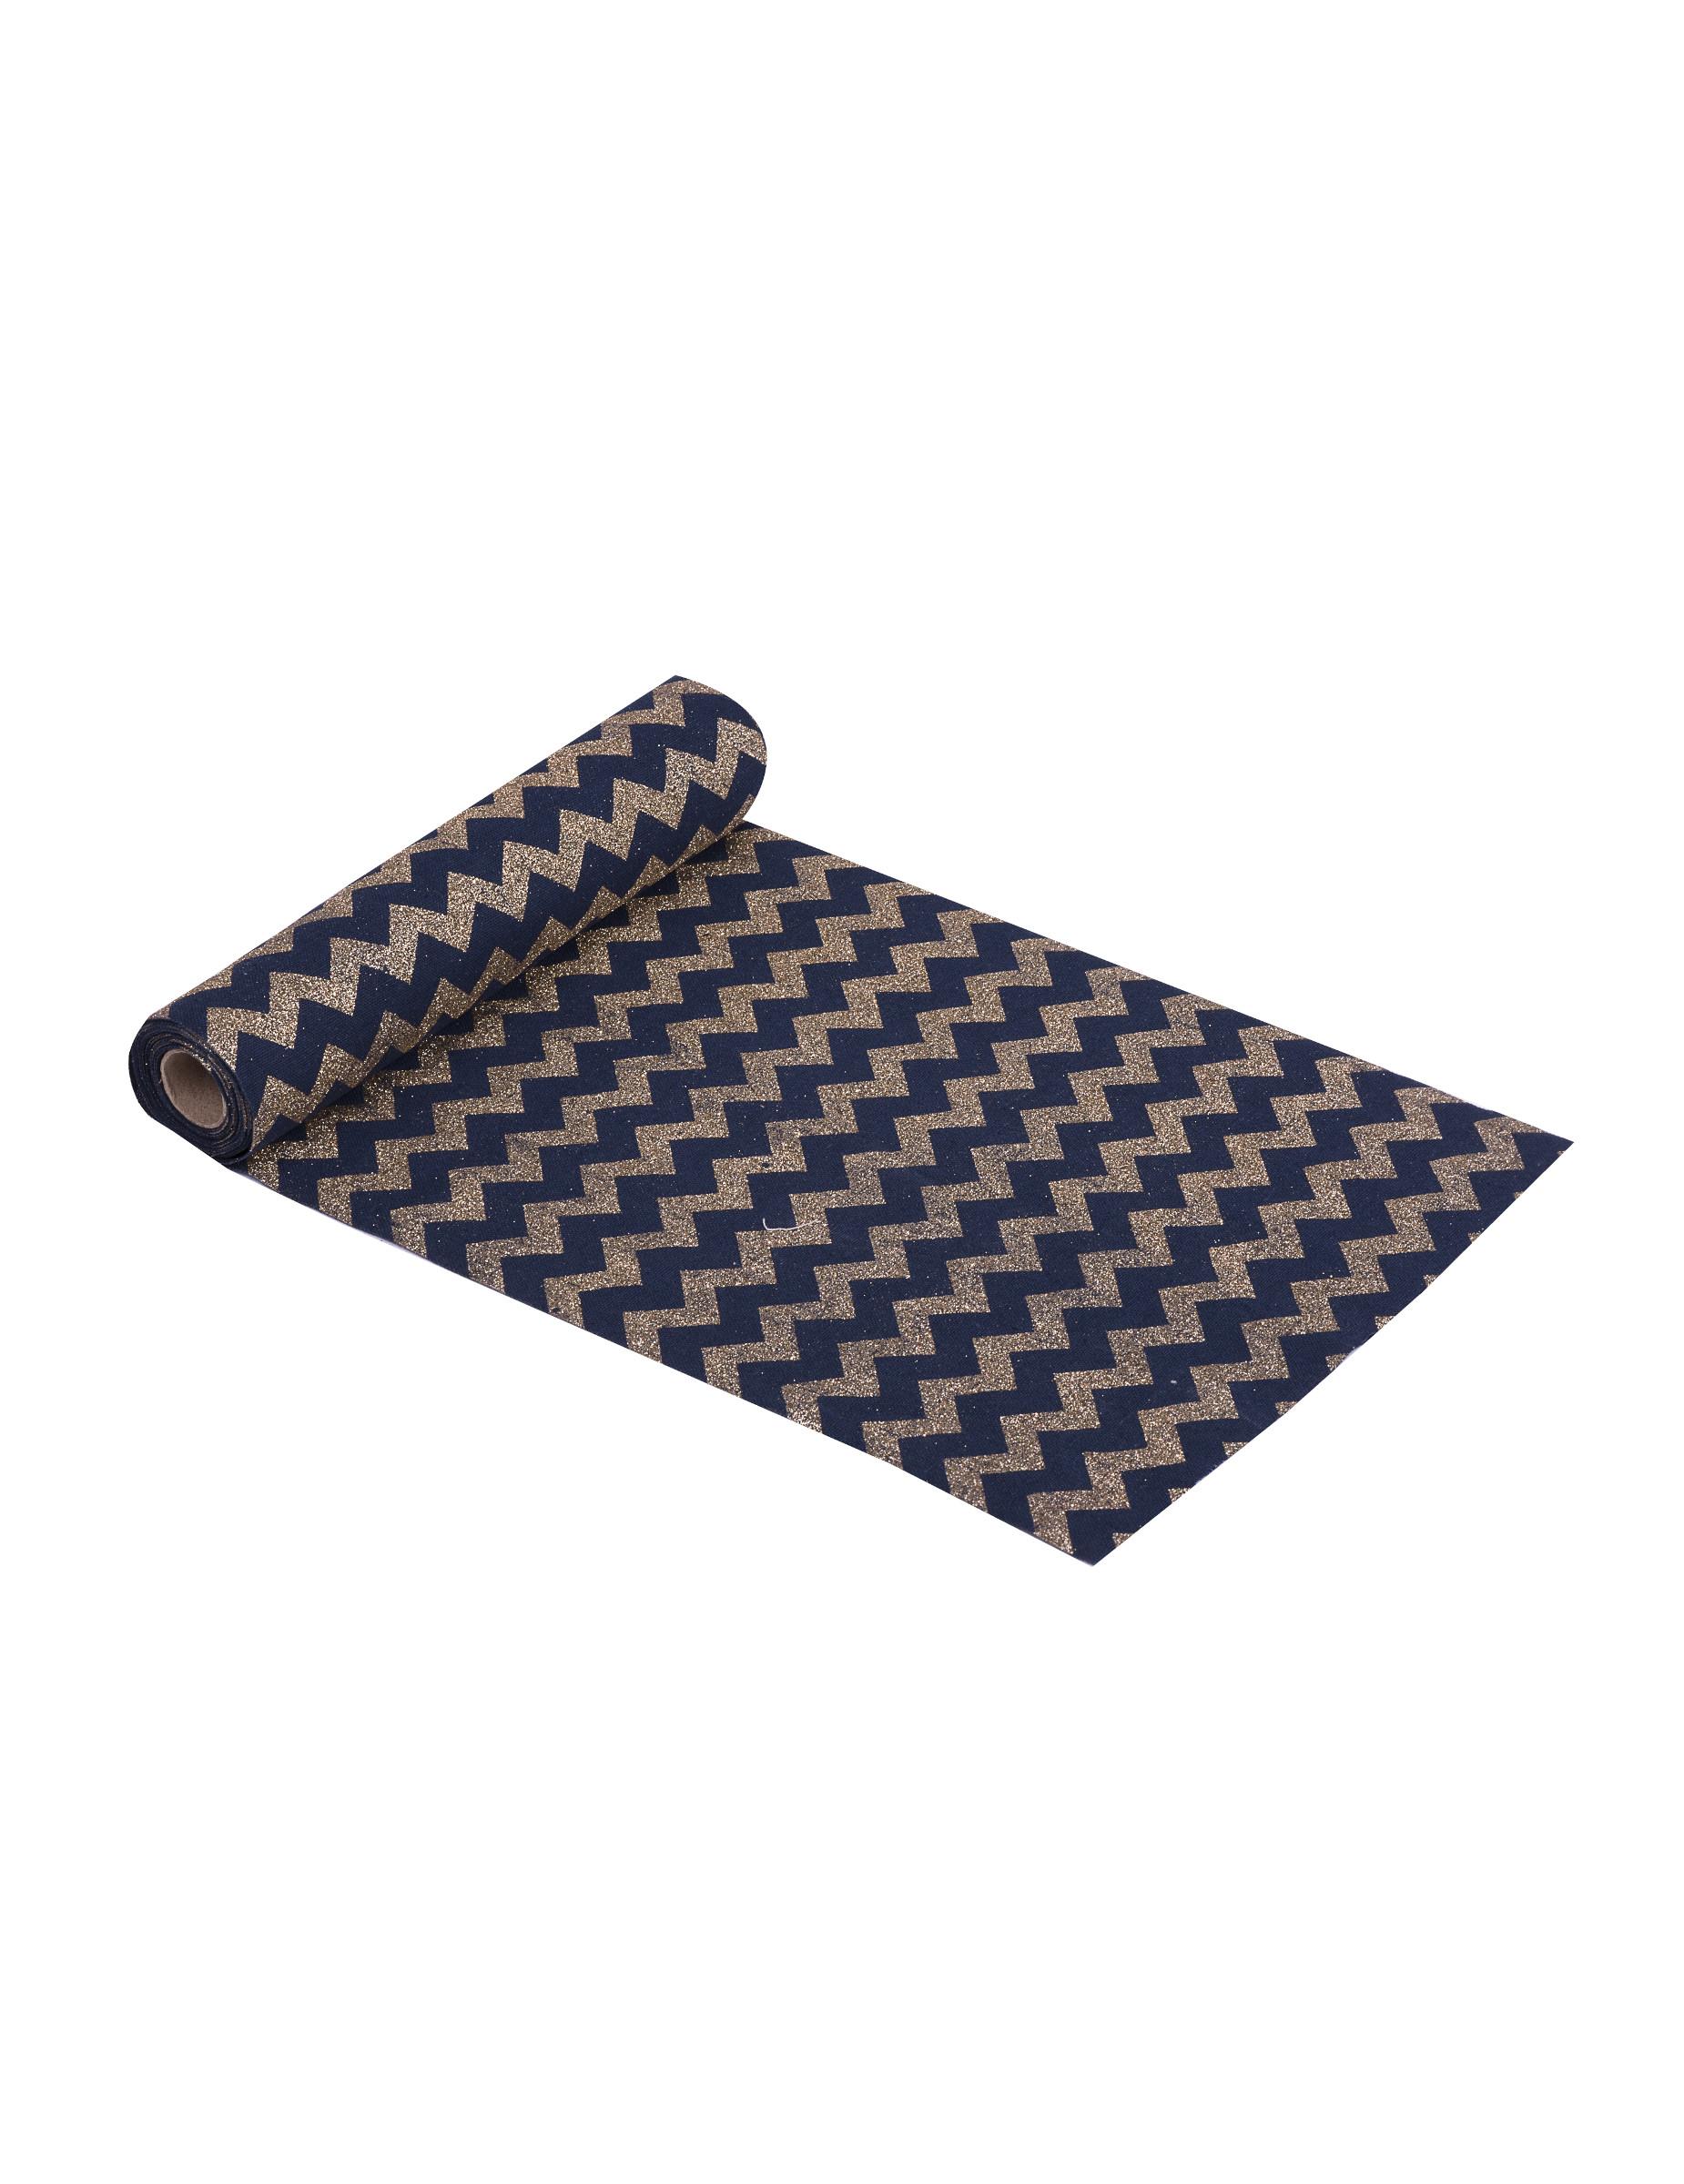 chemin de table en lin bleu et or 28 cm x 3 m d coration. Black Bedroom Furniture Sets. Home Design Ideas